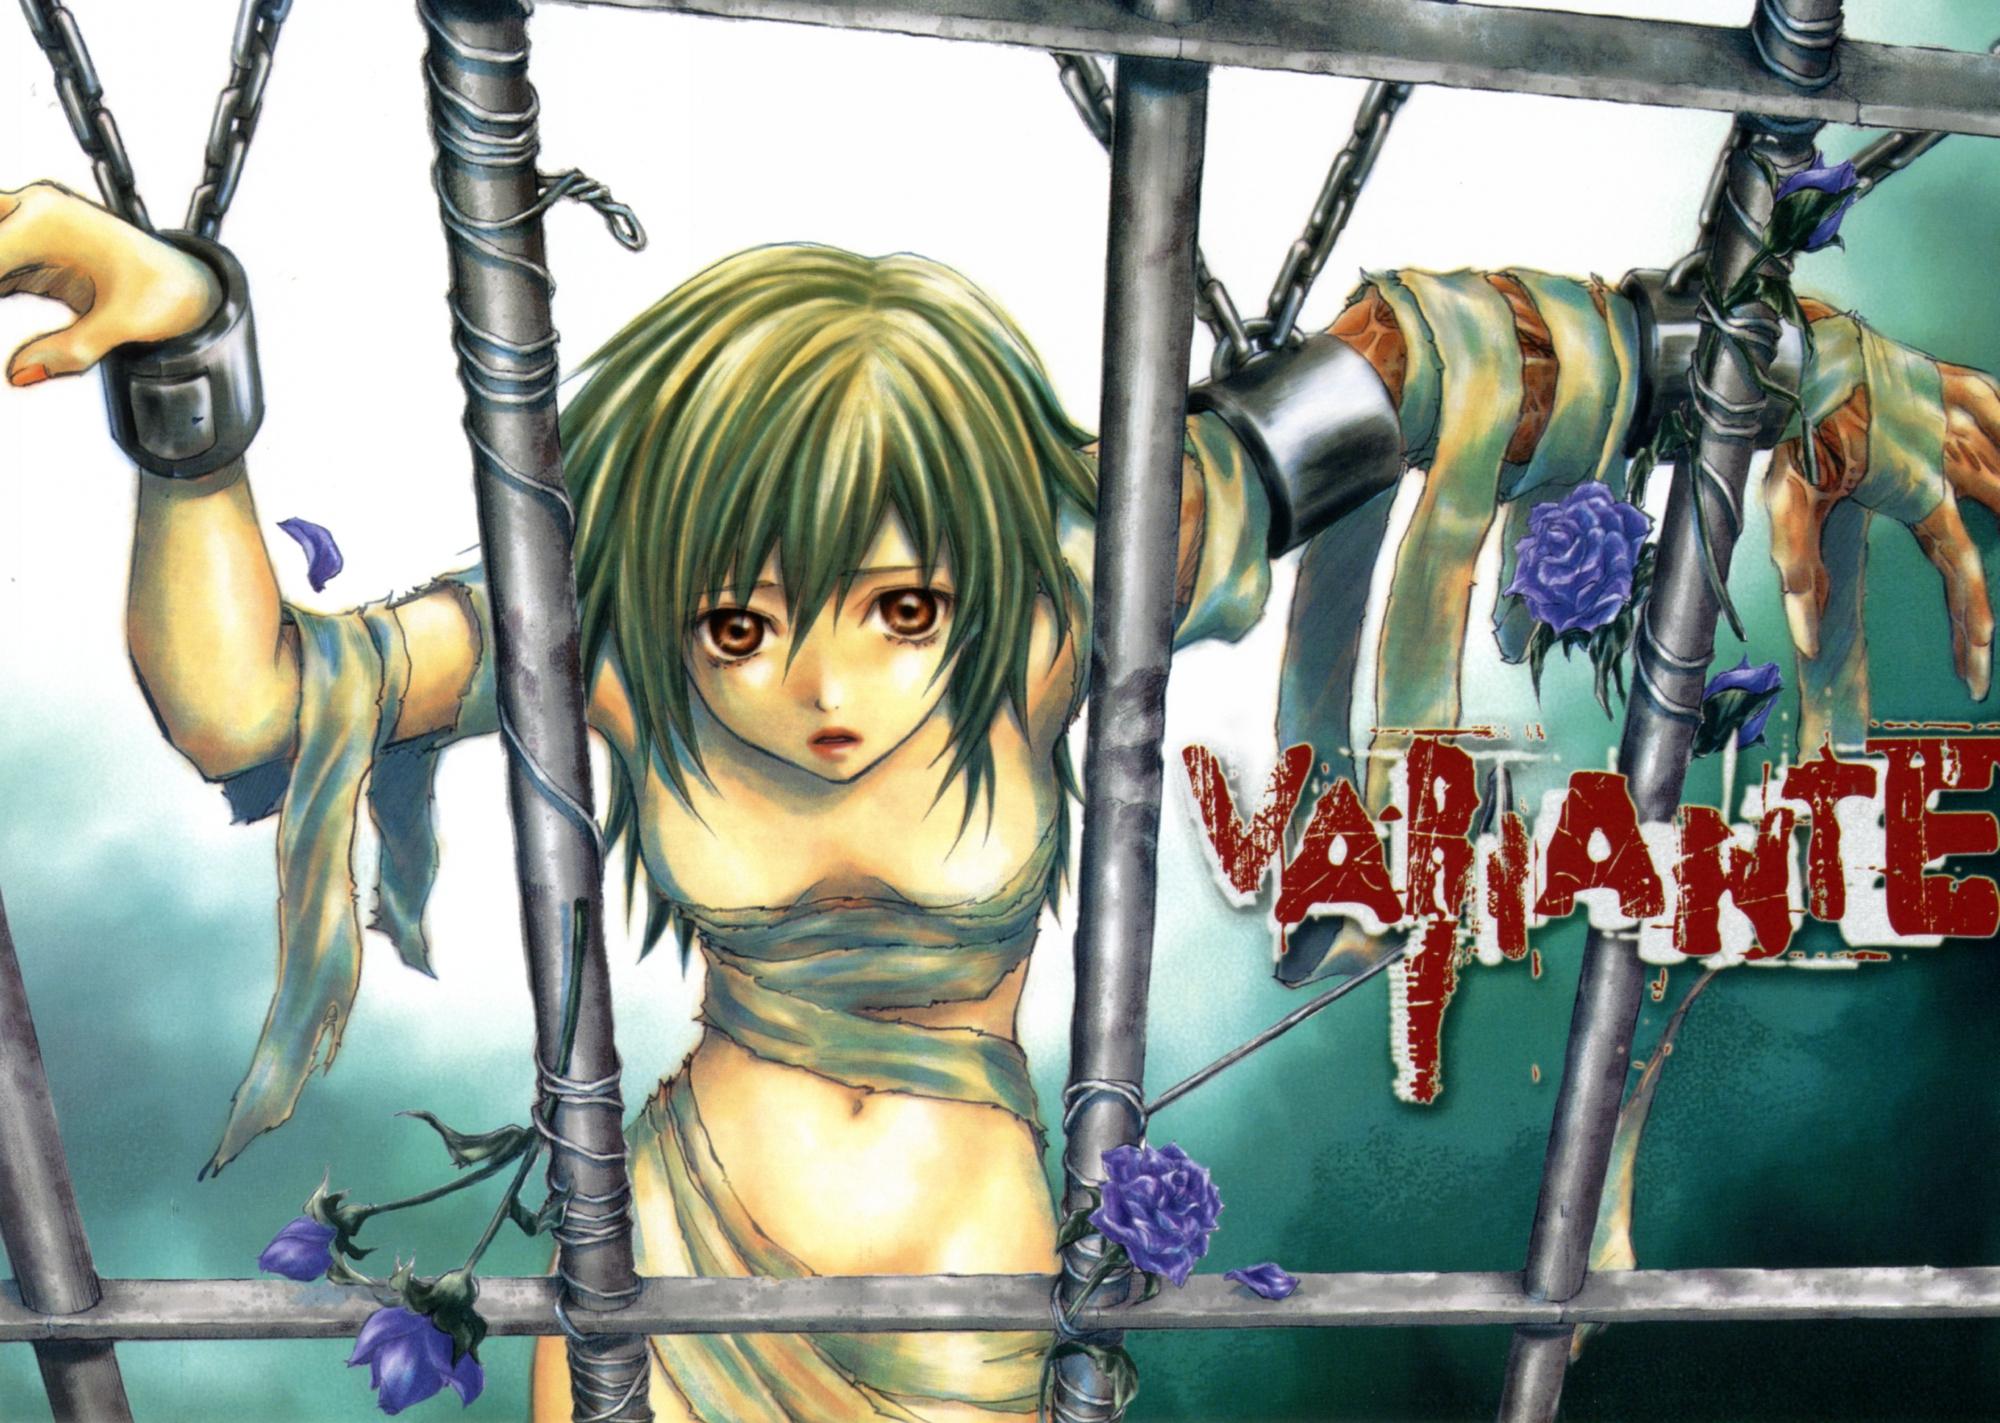 bandage bondage breasts brown_eyes chain cleavage flowers green_hair short_hair variante